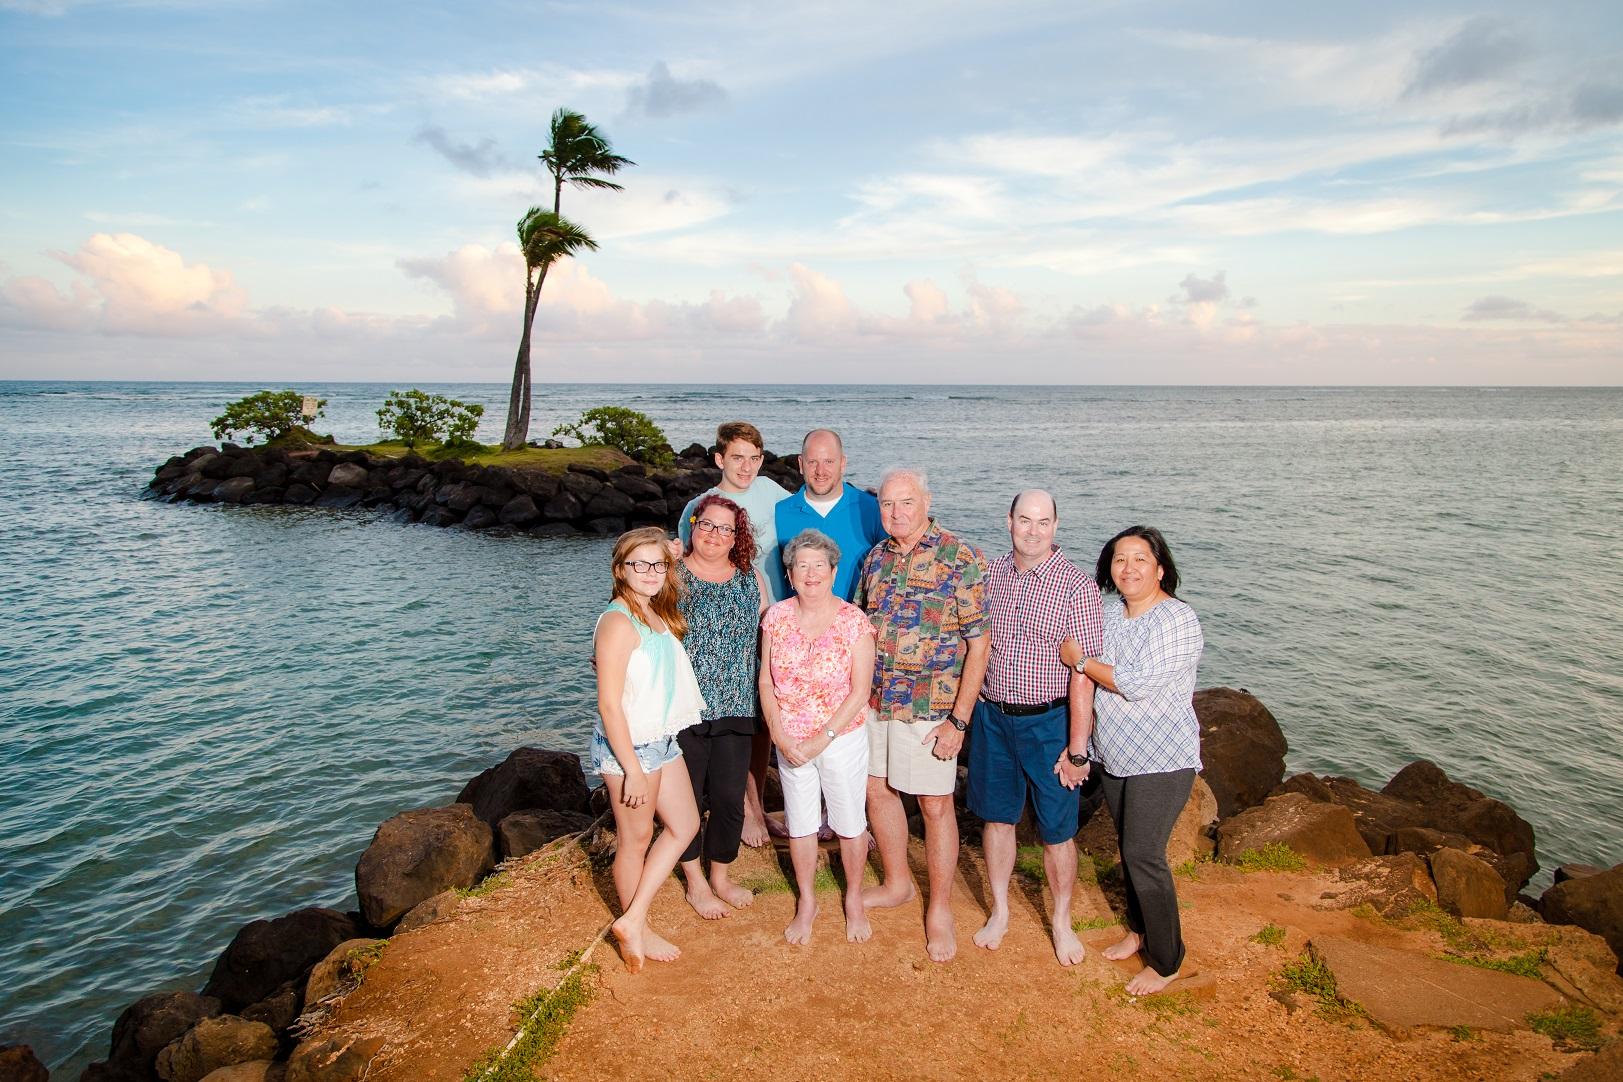 family sunset beach photographer waikiki oahu hawaii